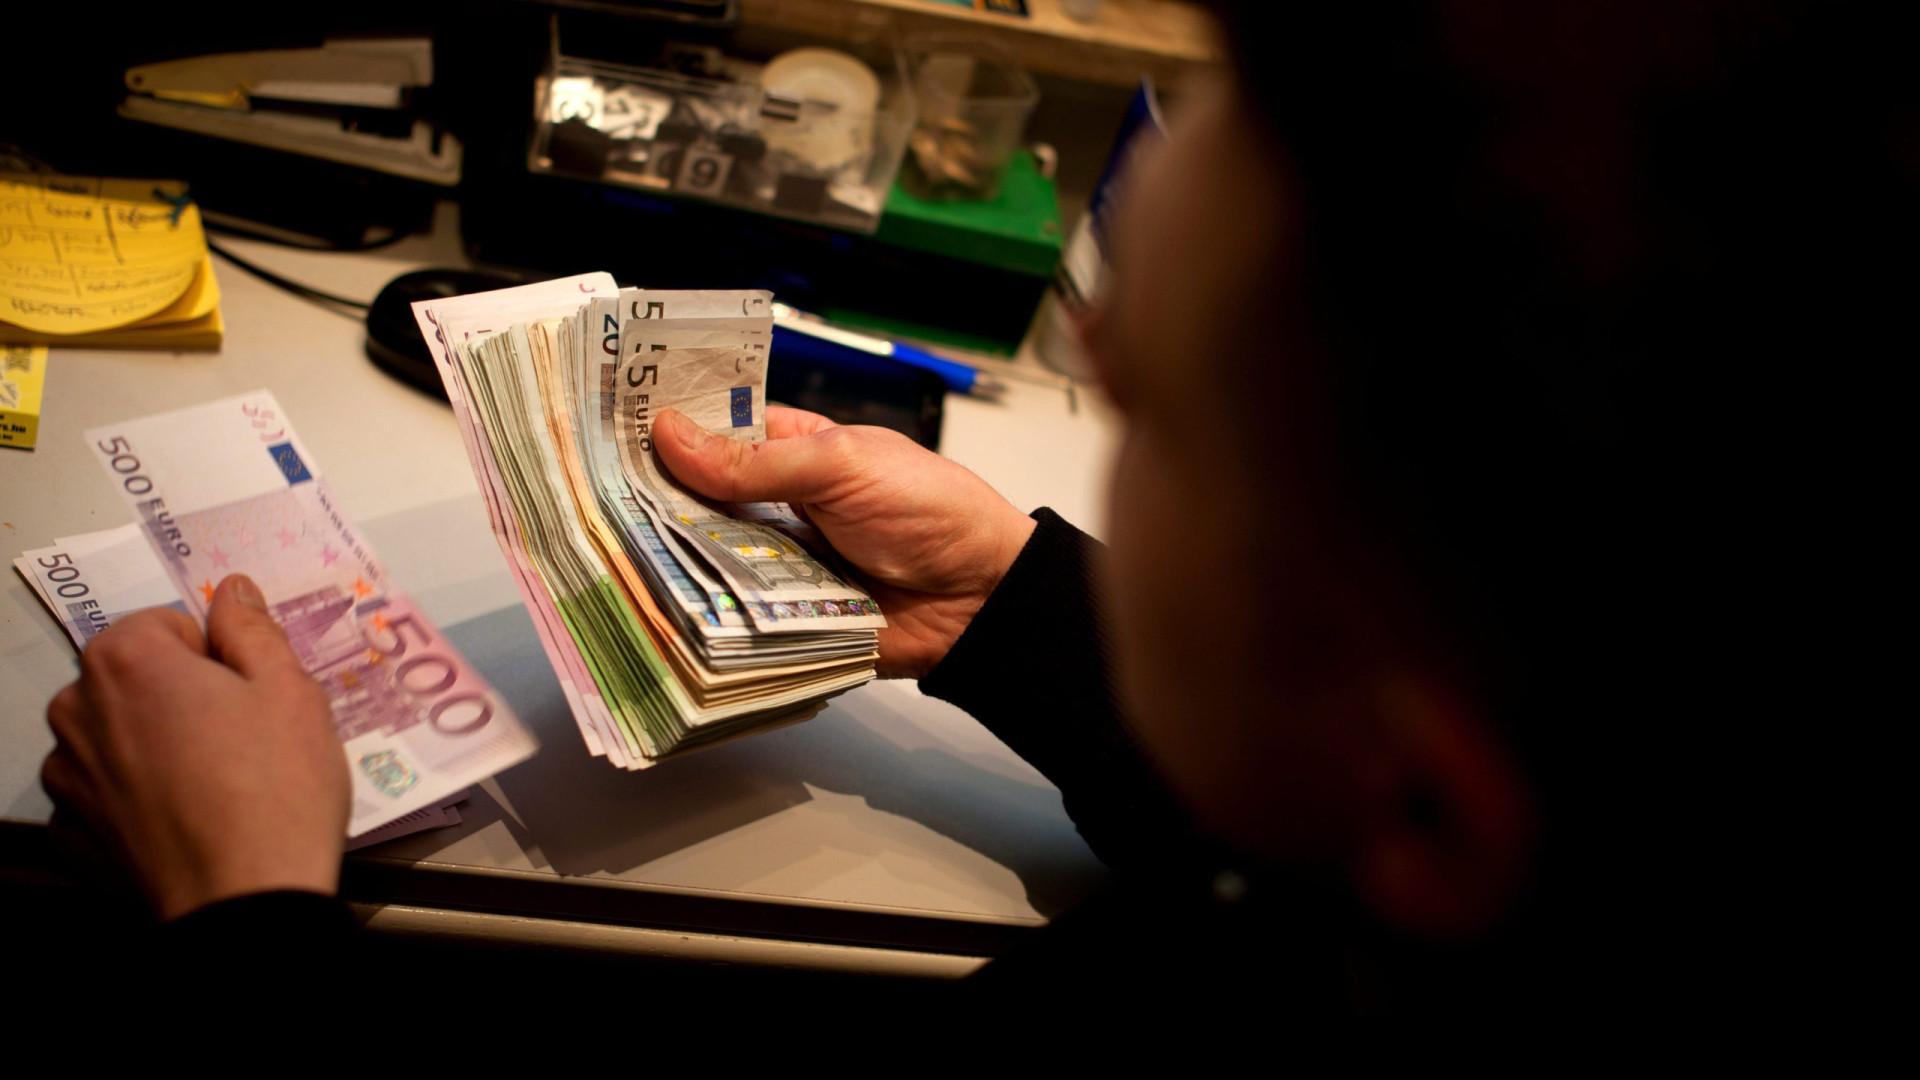 Limite de reembolso de IVA para viajantes sobe para 75 euros em janeiro